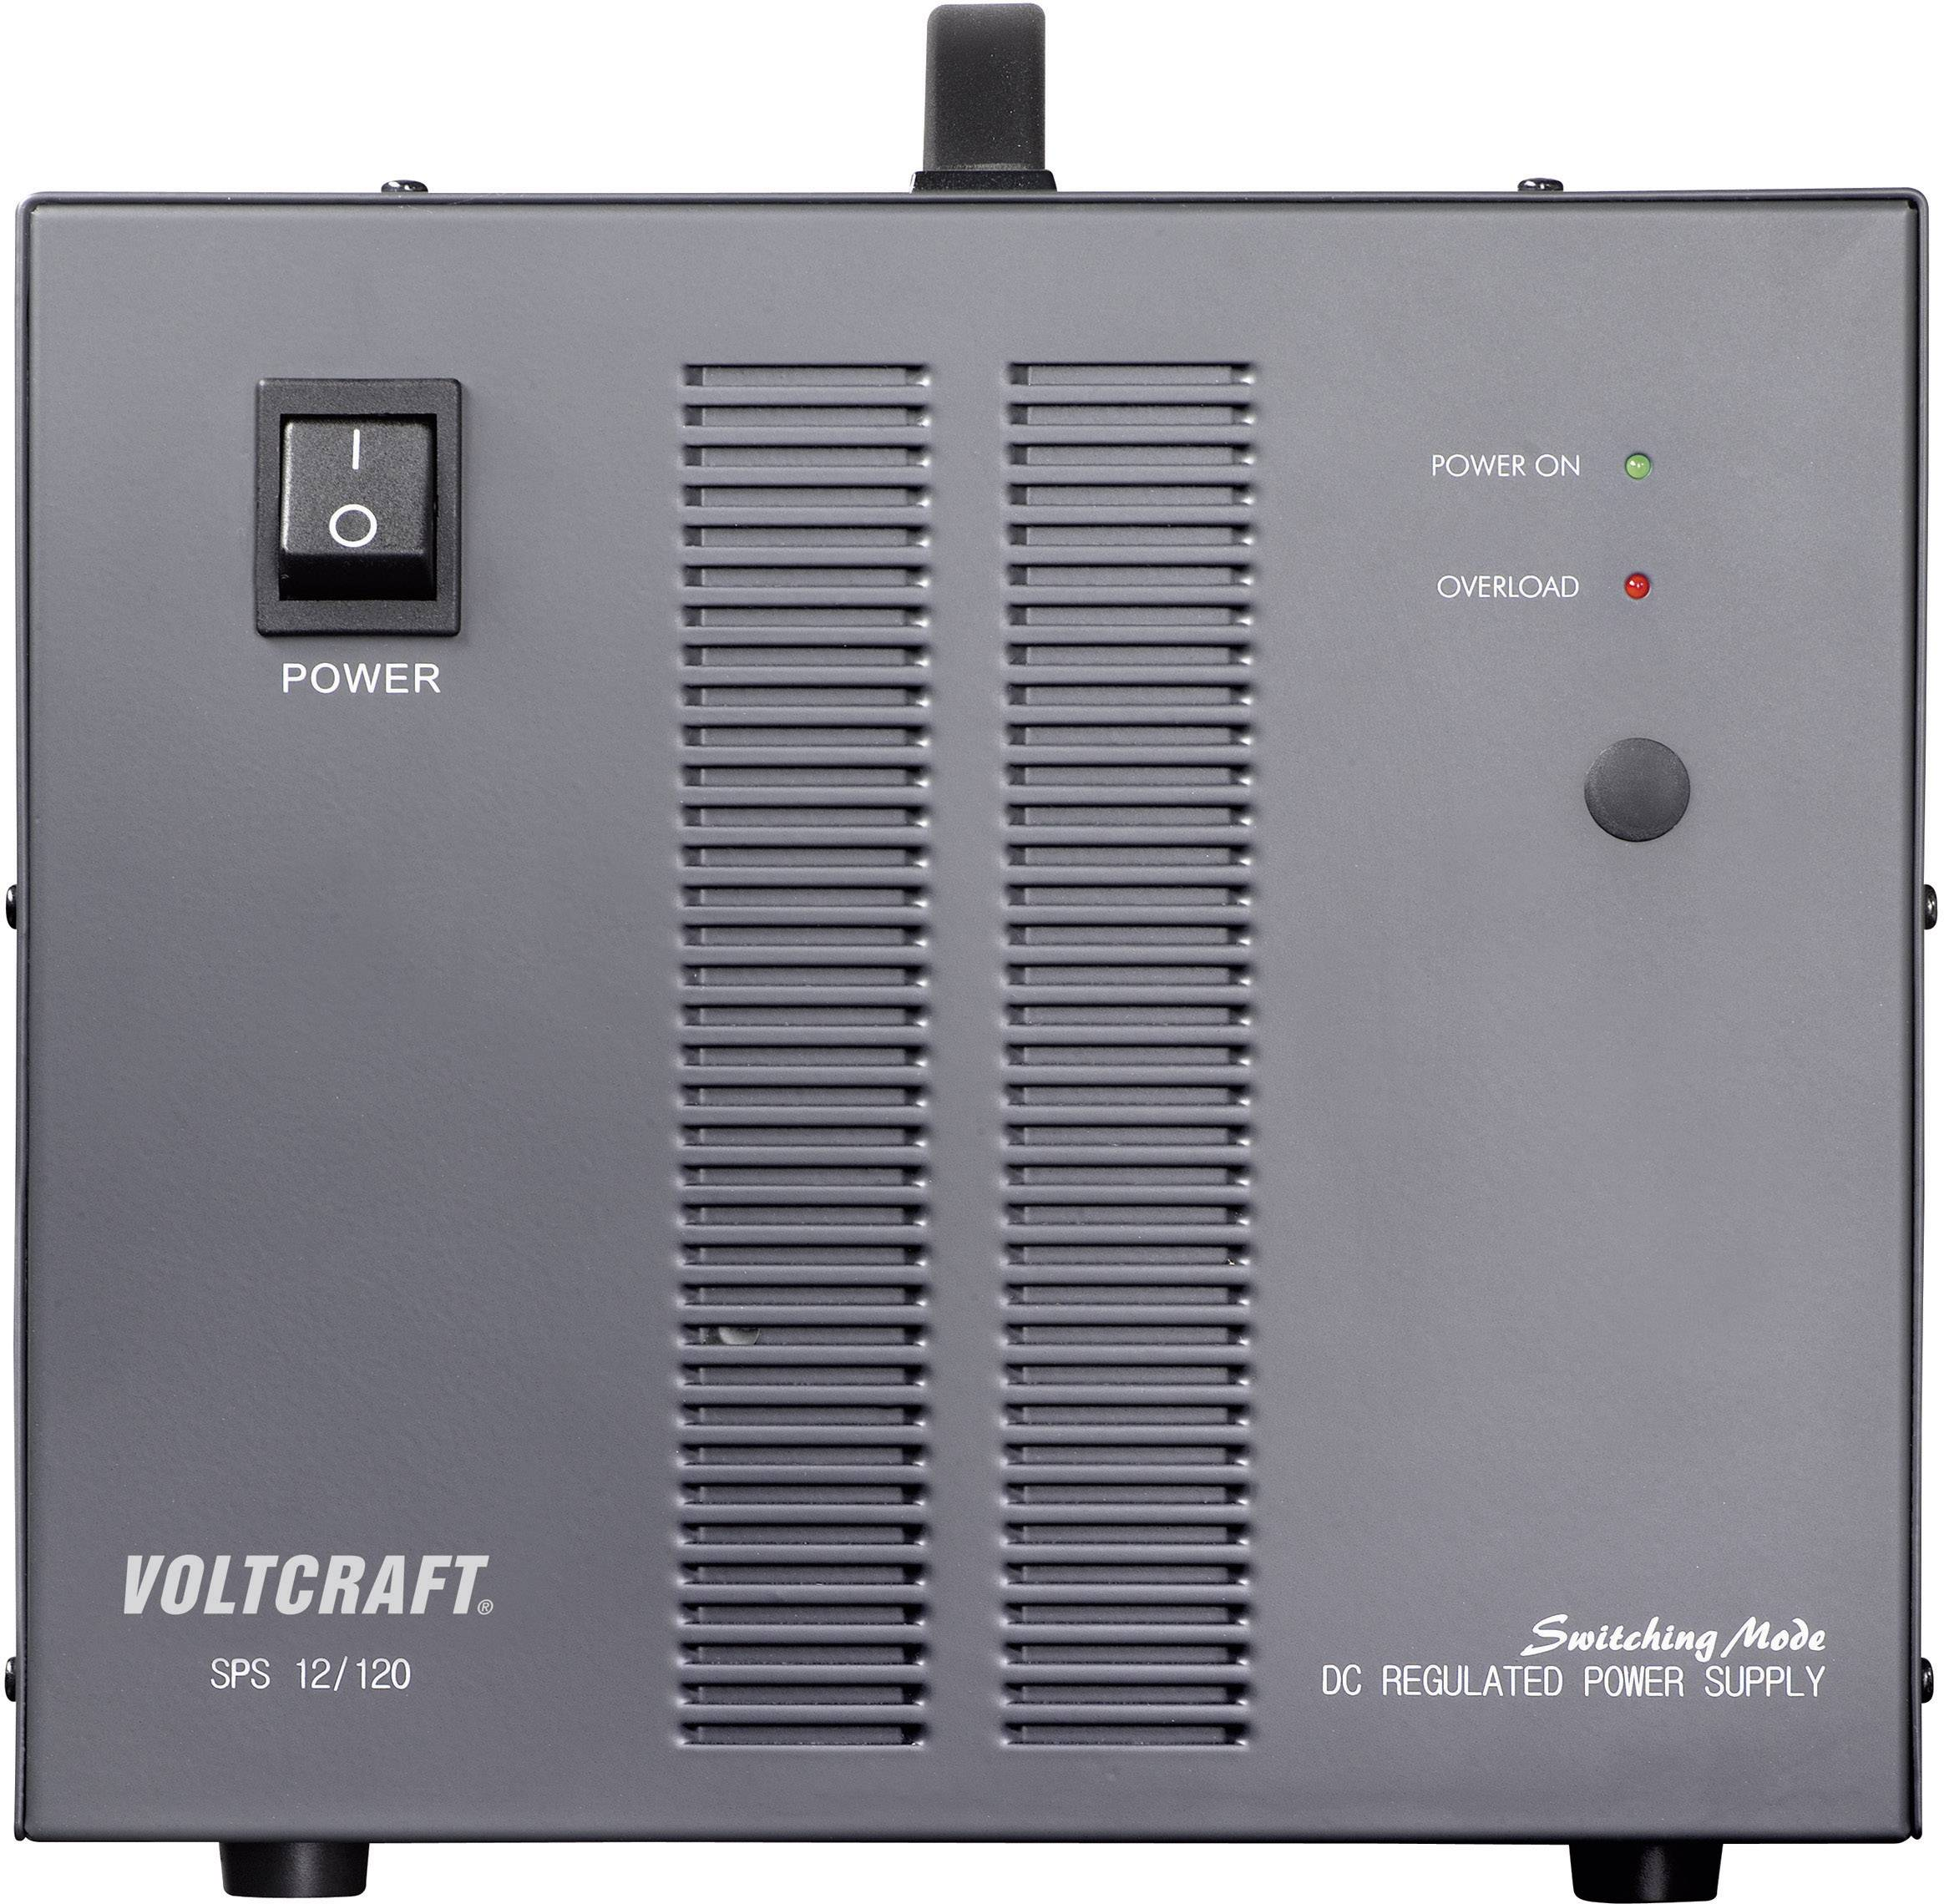 Spínaný laboratórny zdroj Voltcraft SPS-12/120, 12 - 14.5 V/DC, 120 A